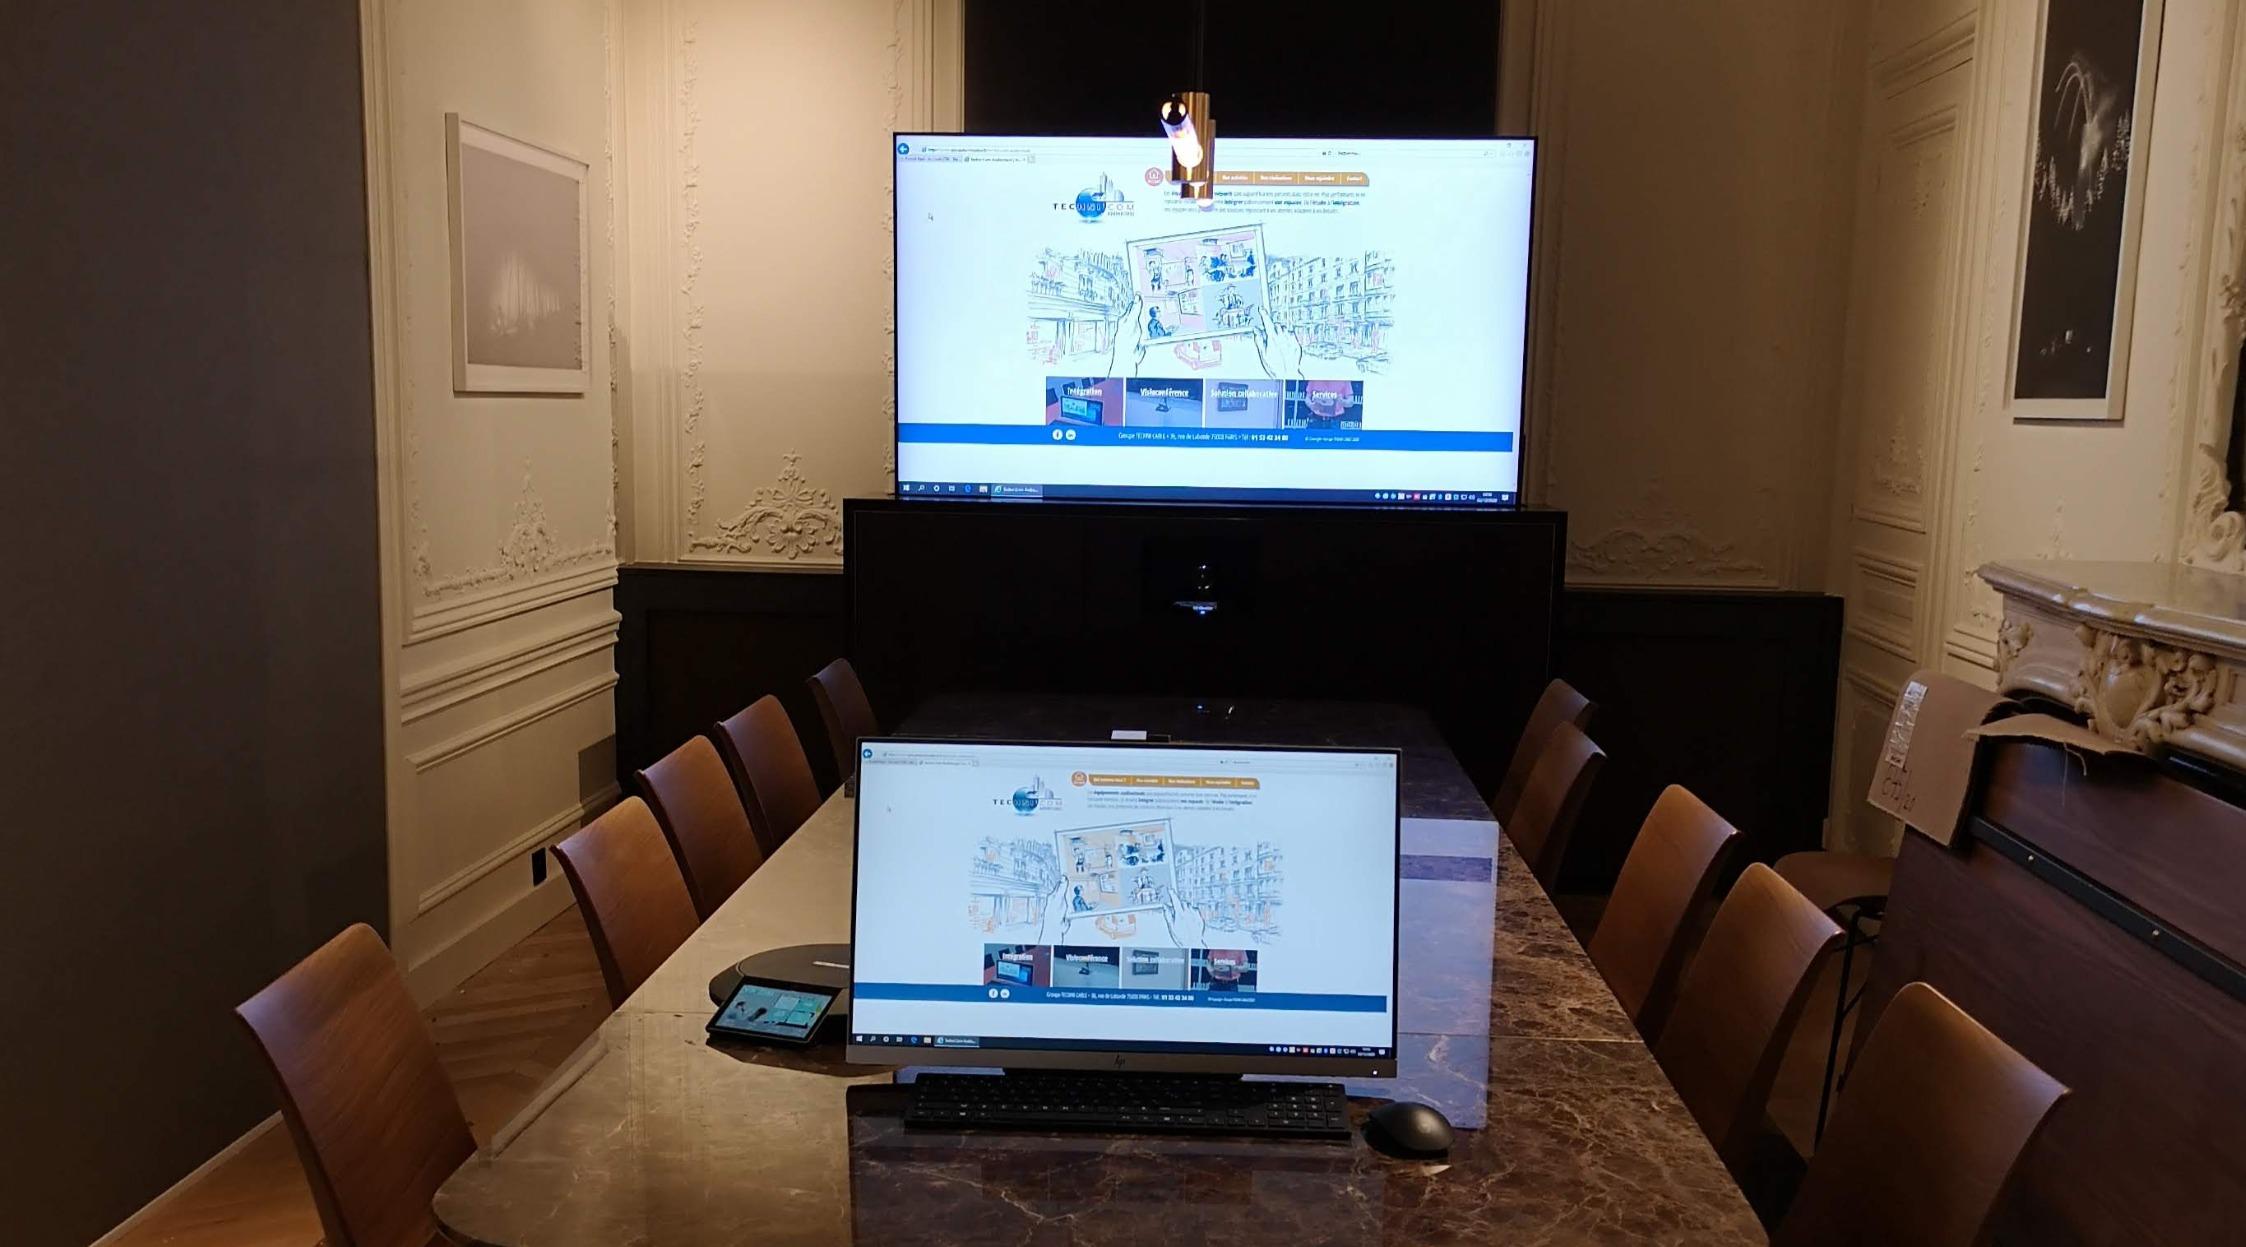 Intégration d'équipements audiovisuels dans un meuble avec système de Lift